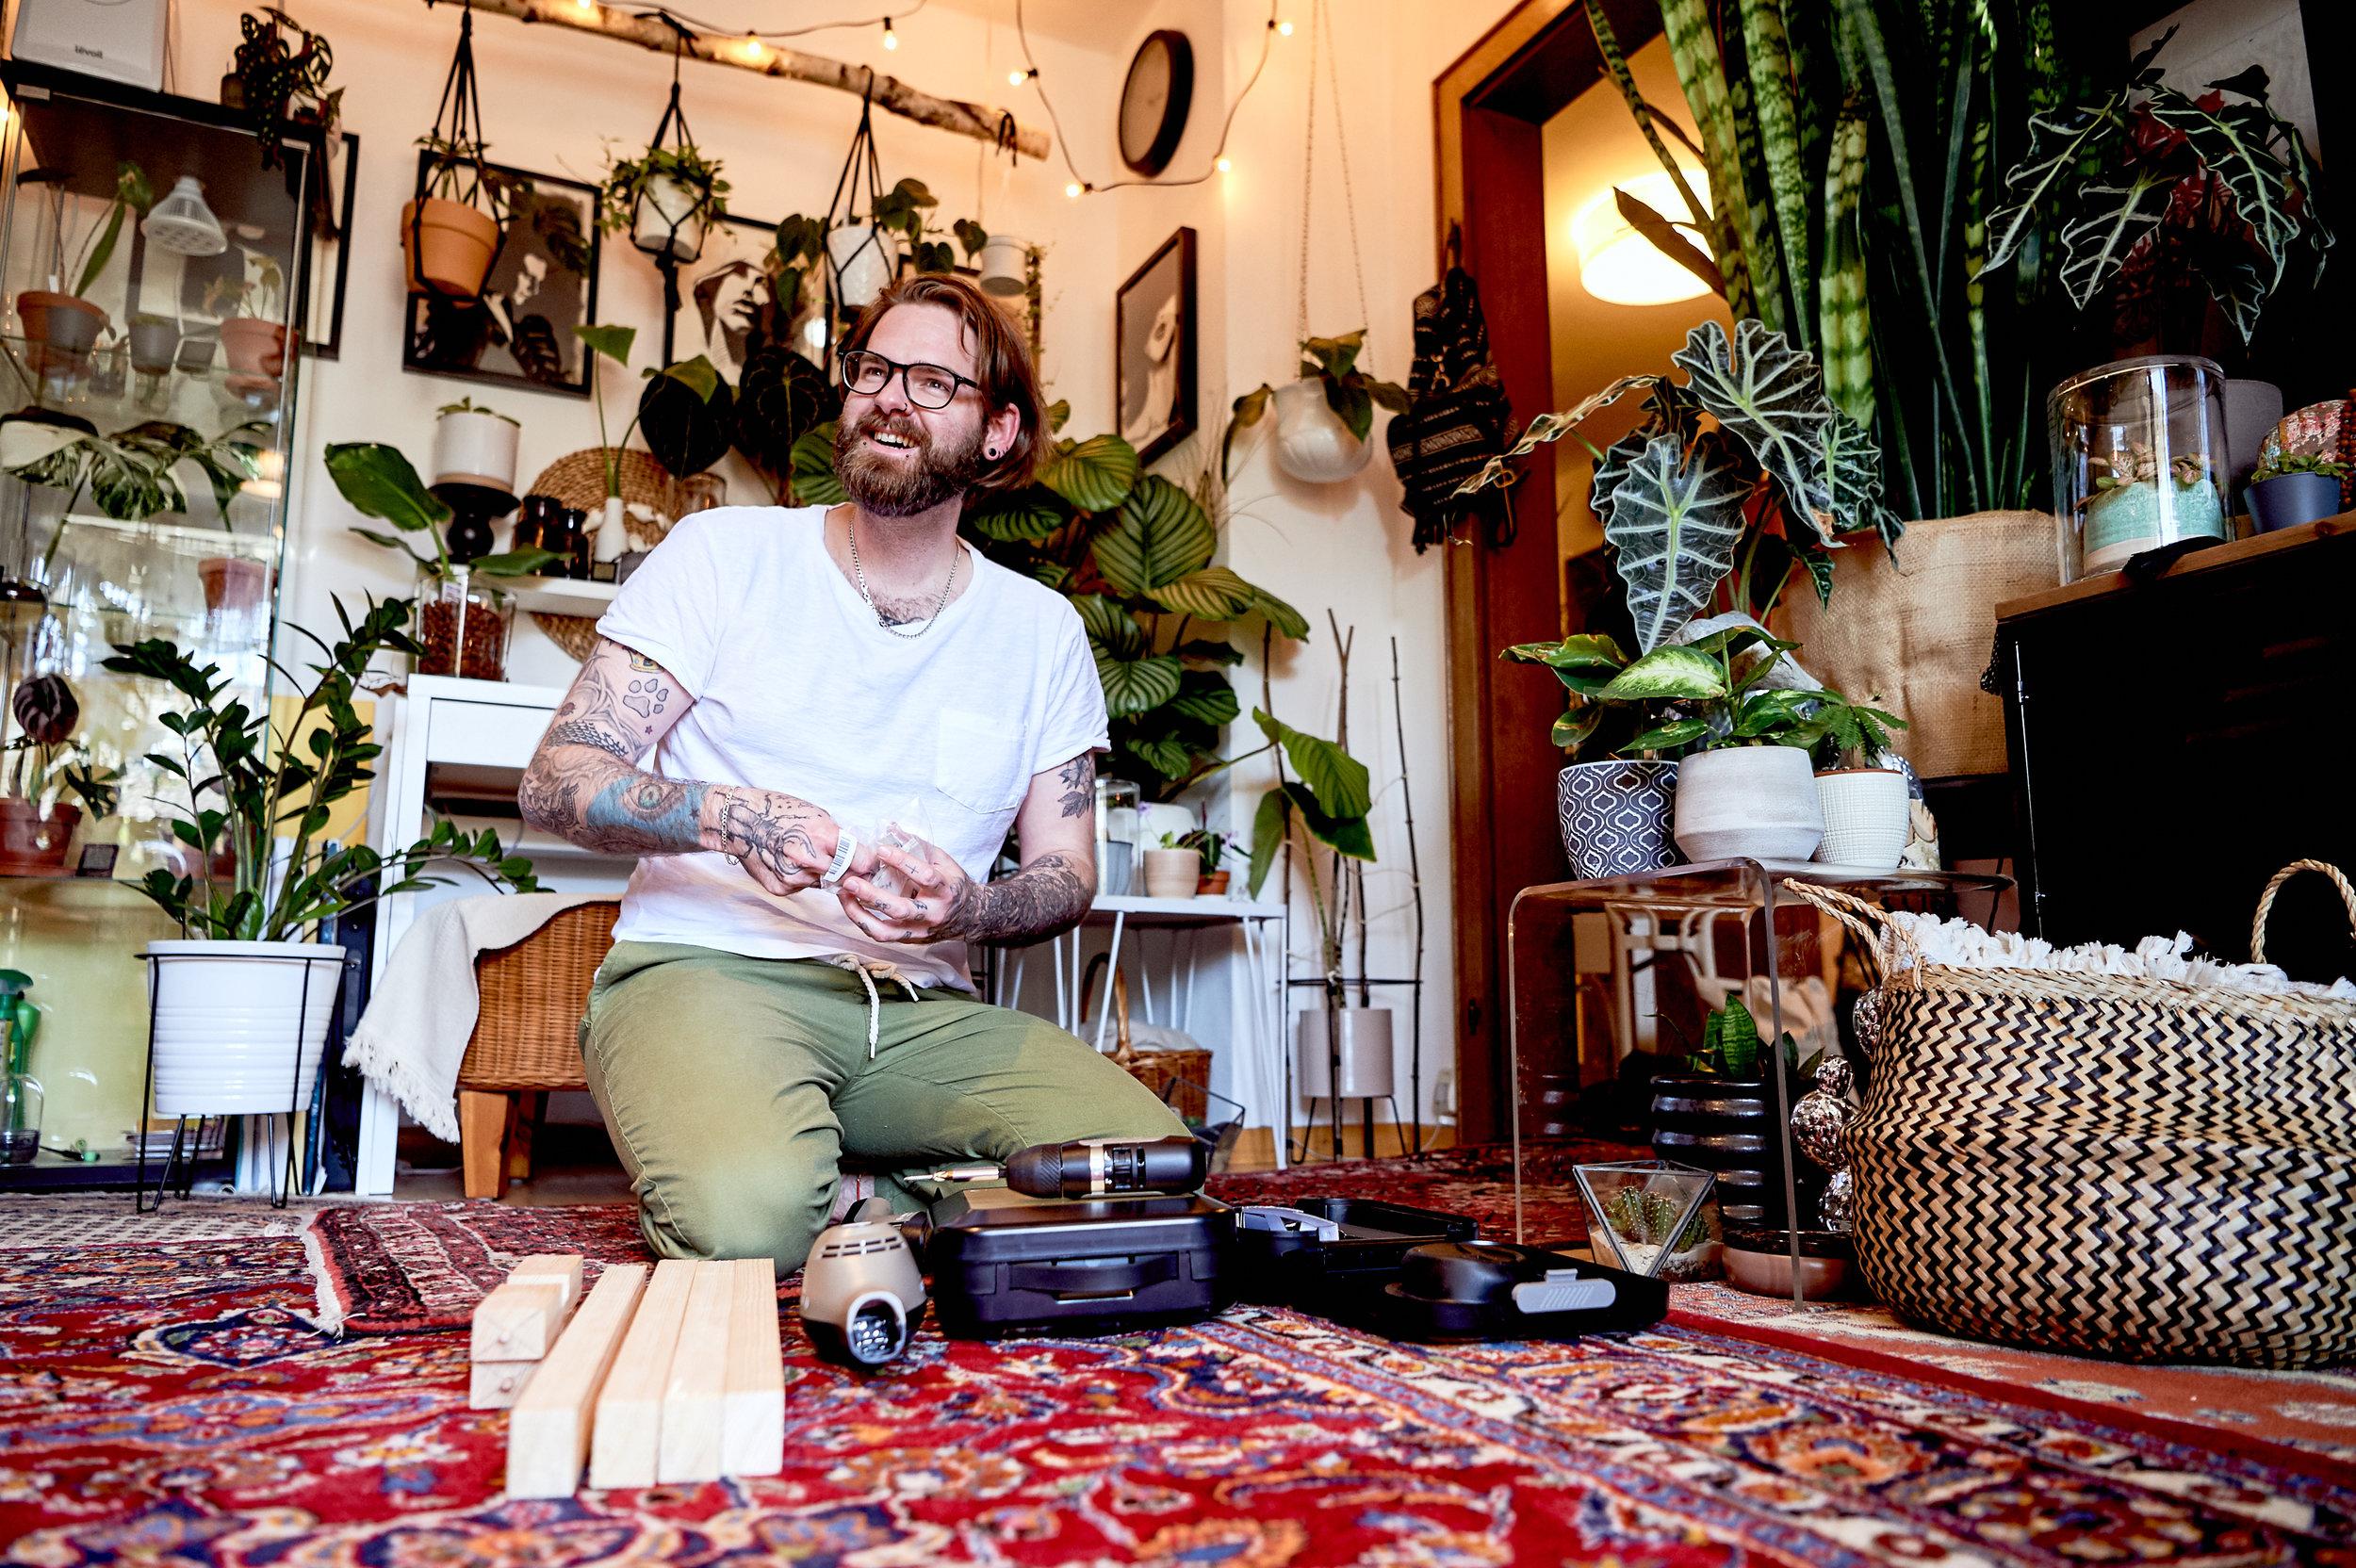 Bosch - Große Pflanzenliebe bei Bernd Reichler von @munichjungle